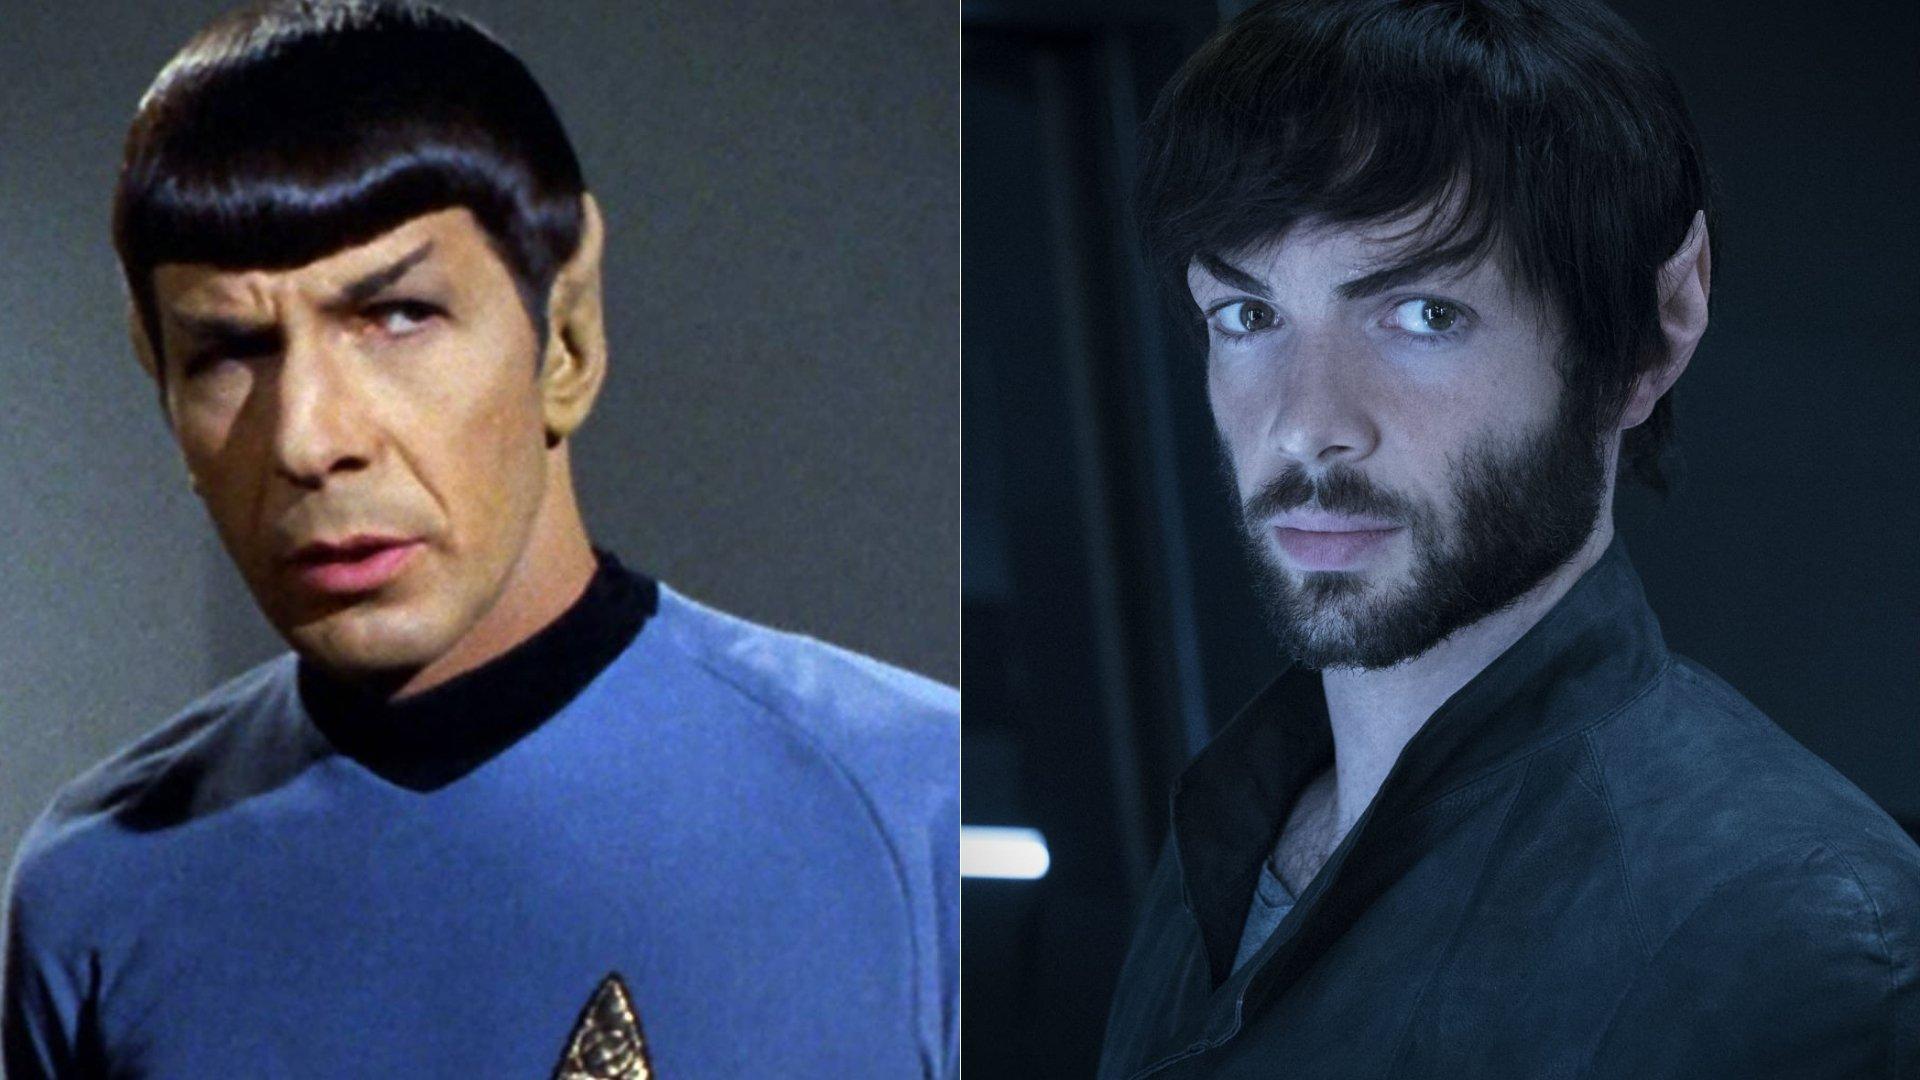 Ikona popkultury powraca. Dlaczego kochamy Spocka ze Star Treka?